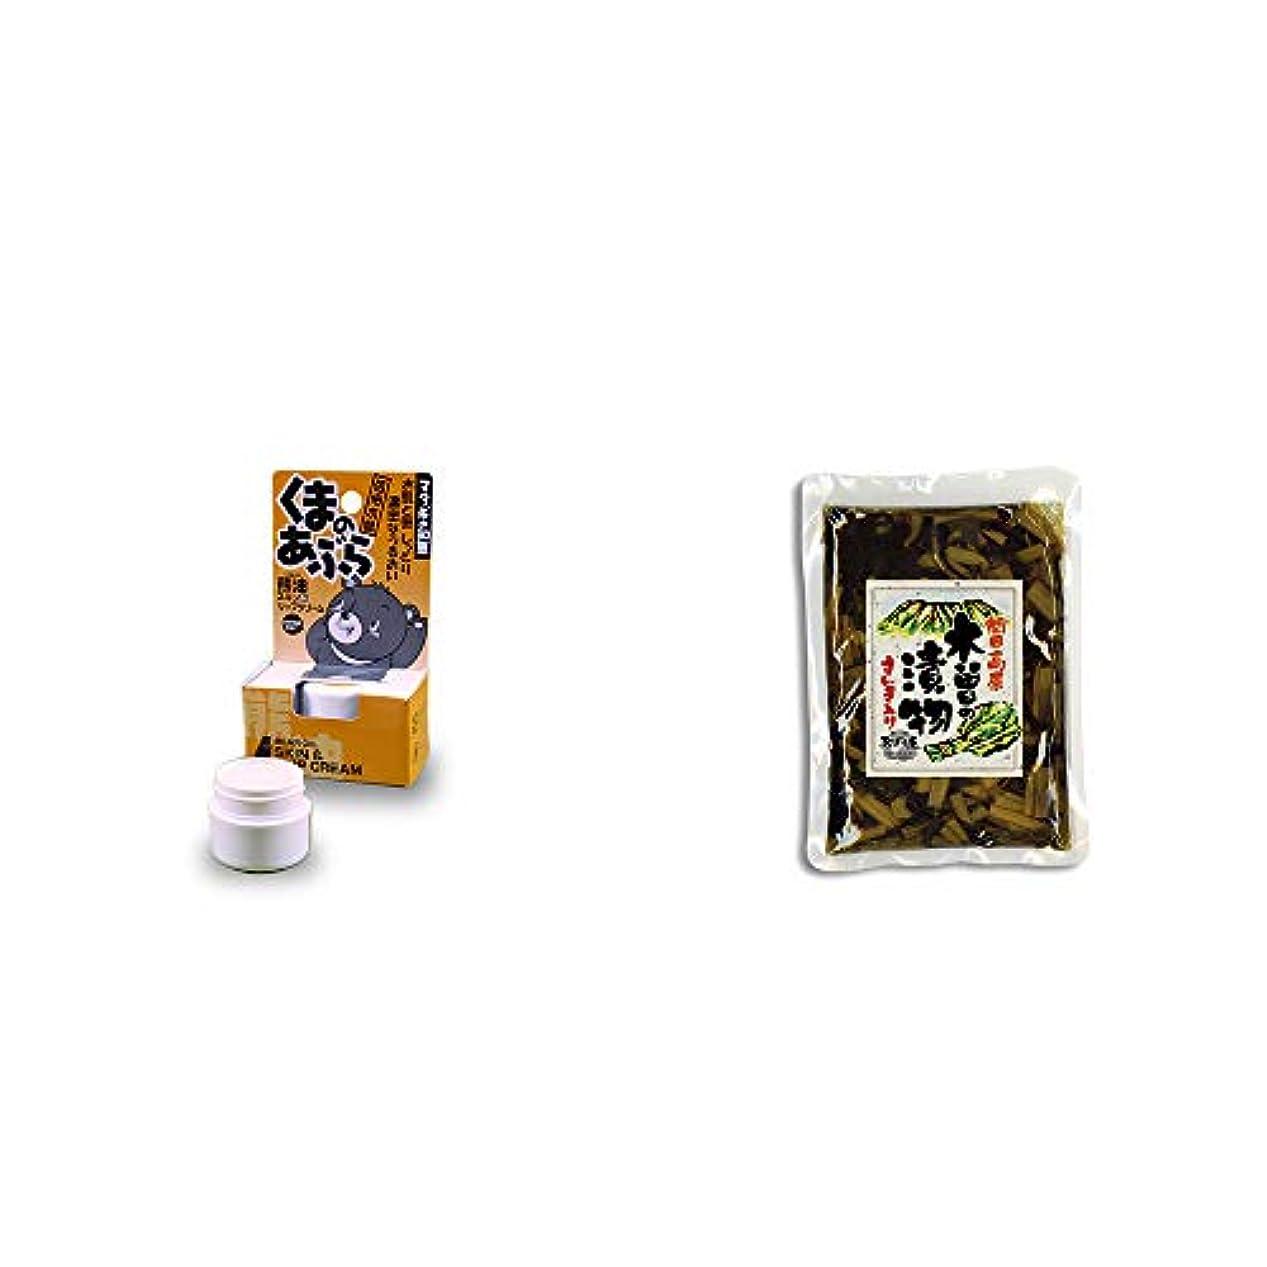 コーデリア着替える騒ぎ[2点セット] 信州木曽 くまのあぶら 熊油スキン&リップクリーム(9g)?【年中販売】木曽の漬物 すんき入り(200g) / すんき漬け味付加工品 //